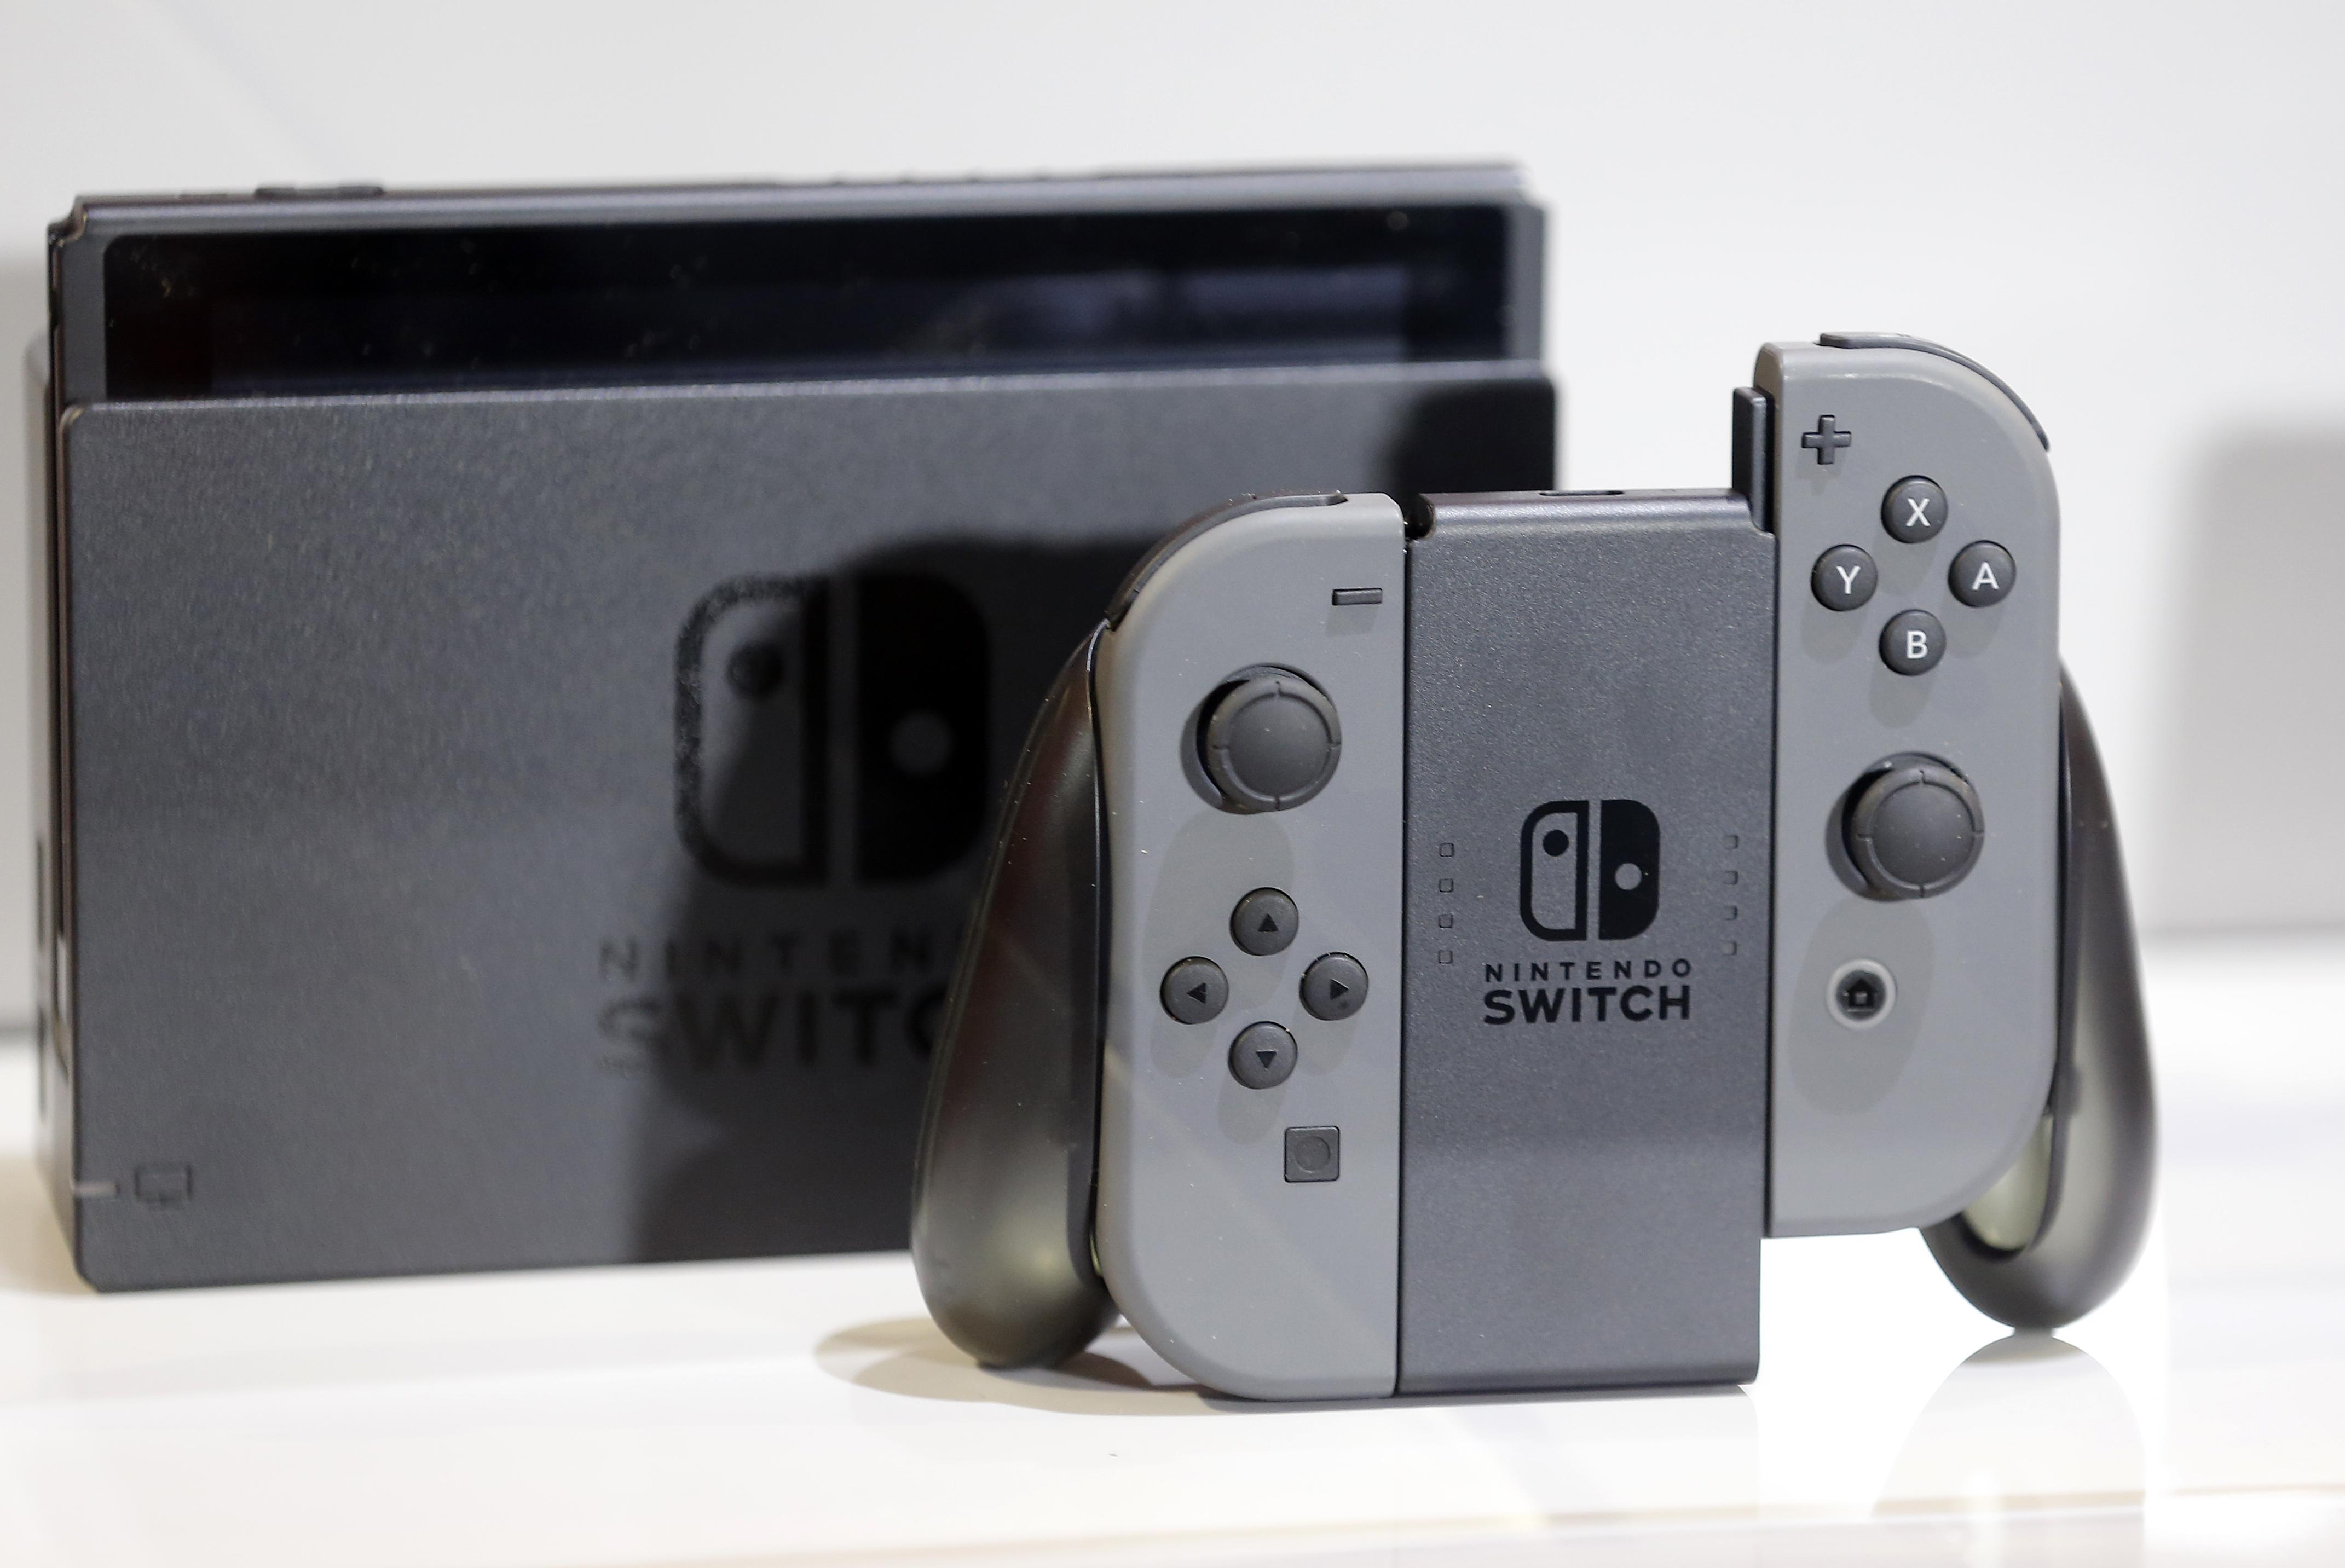 Nintendo Switch midnight release events: Best Buy, GameStop